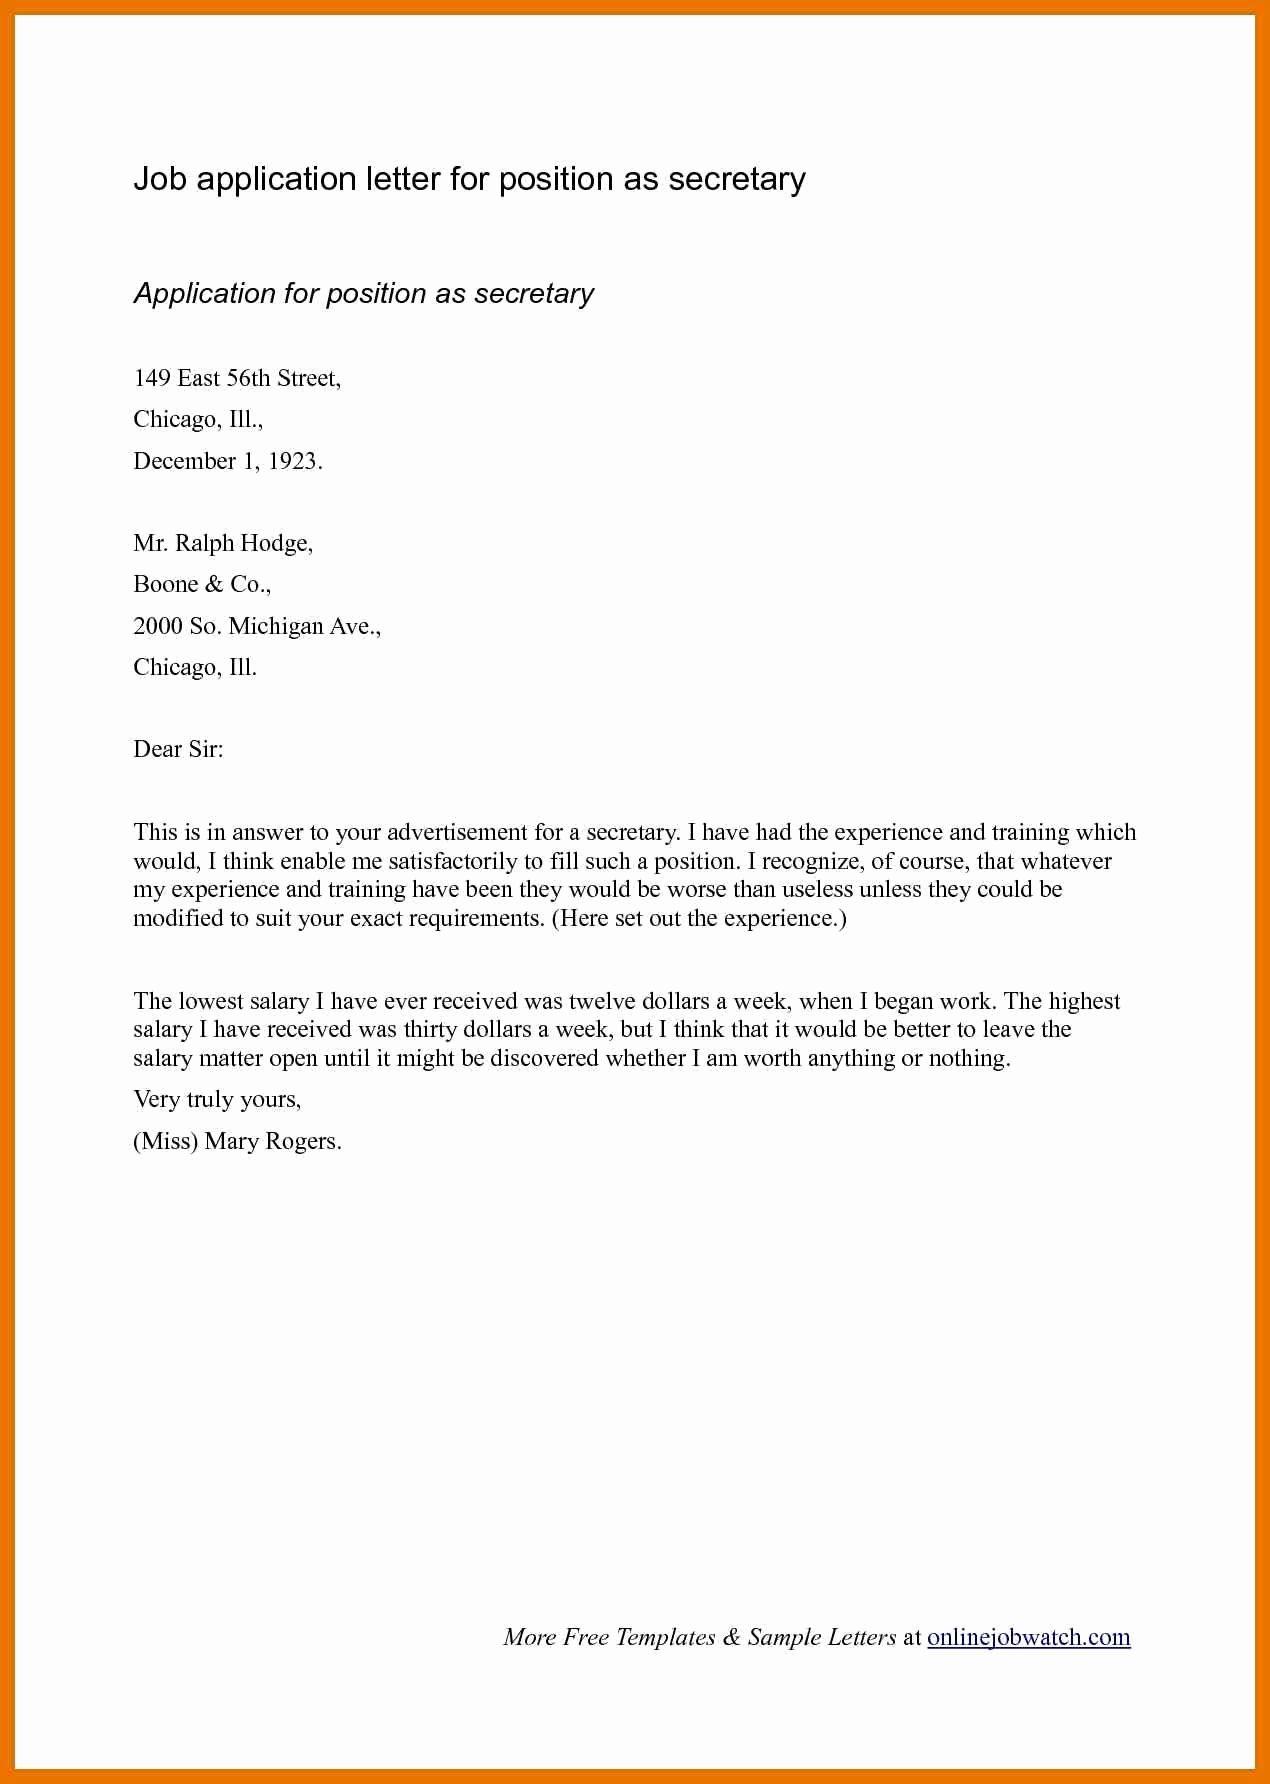 Cover Letter Template Header CoverLetterTemplate